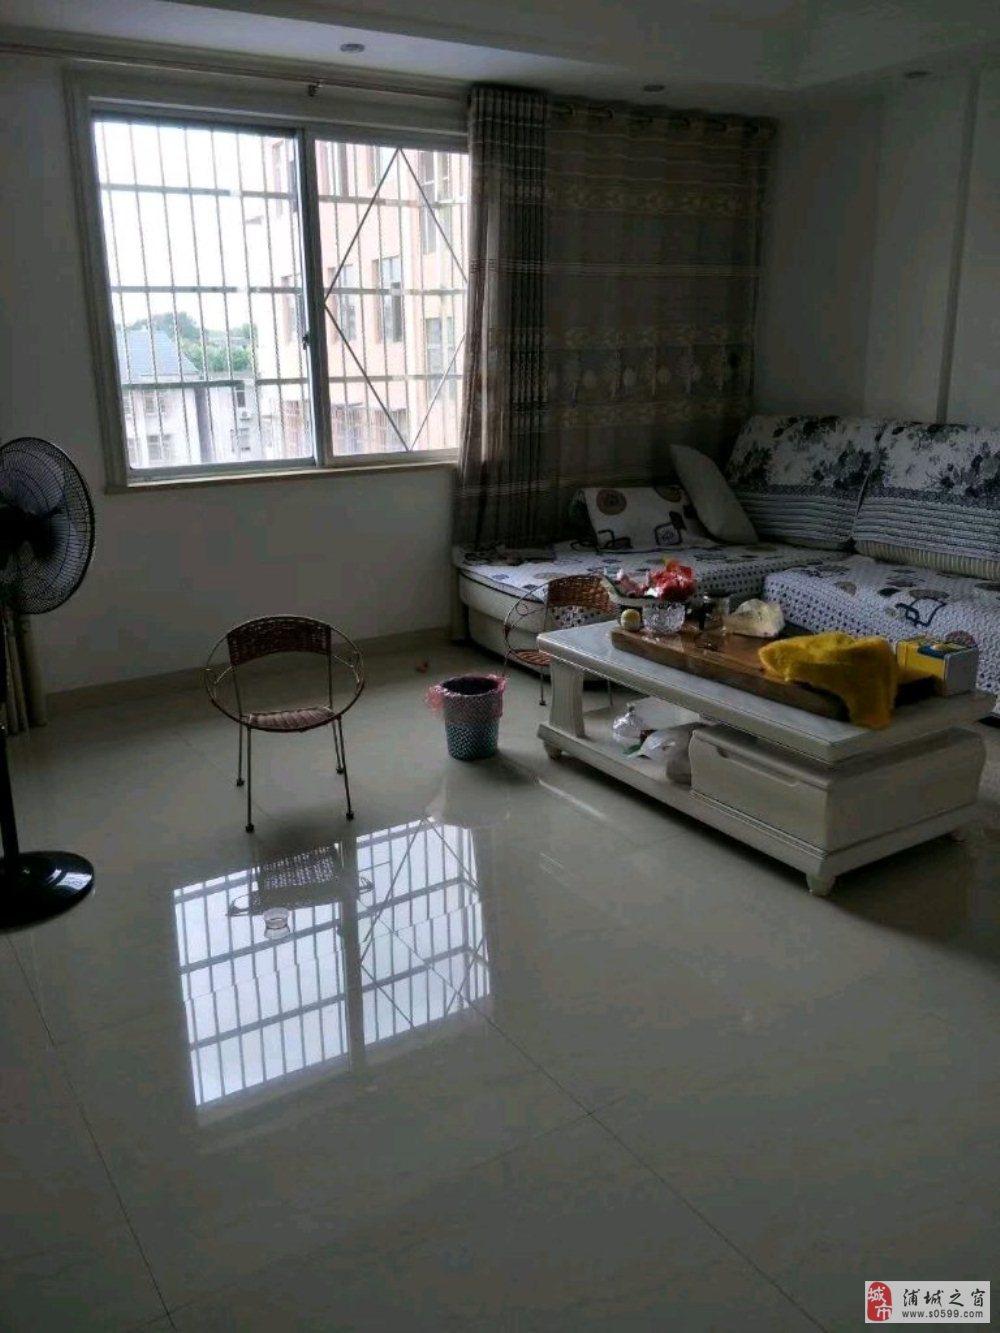 上莲塘,房子面积128平米,在7楼,3室2厅2卫